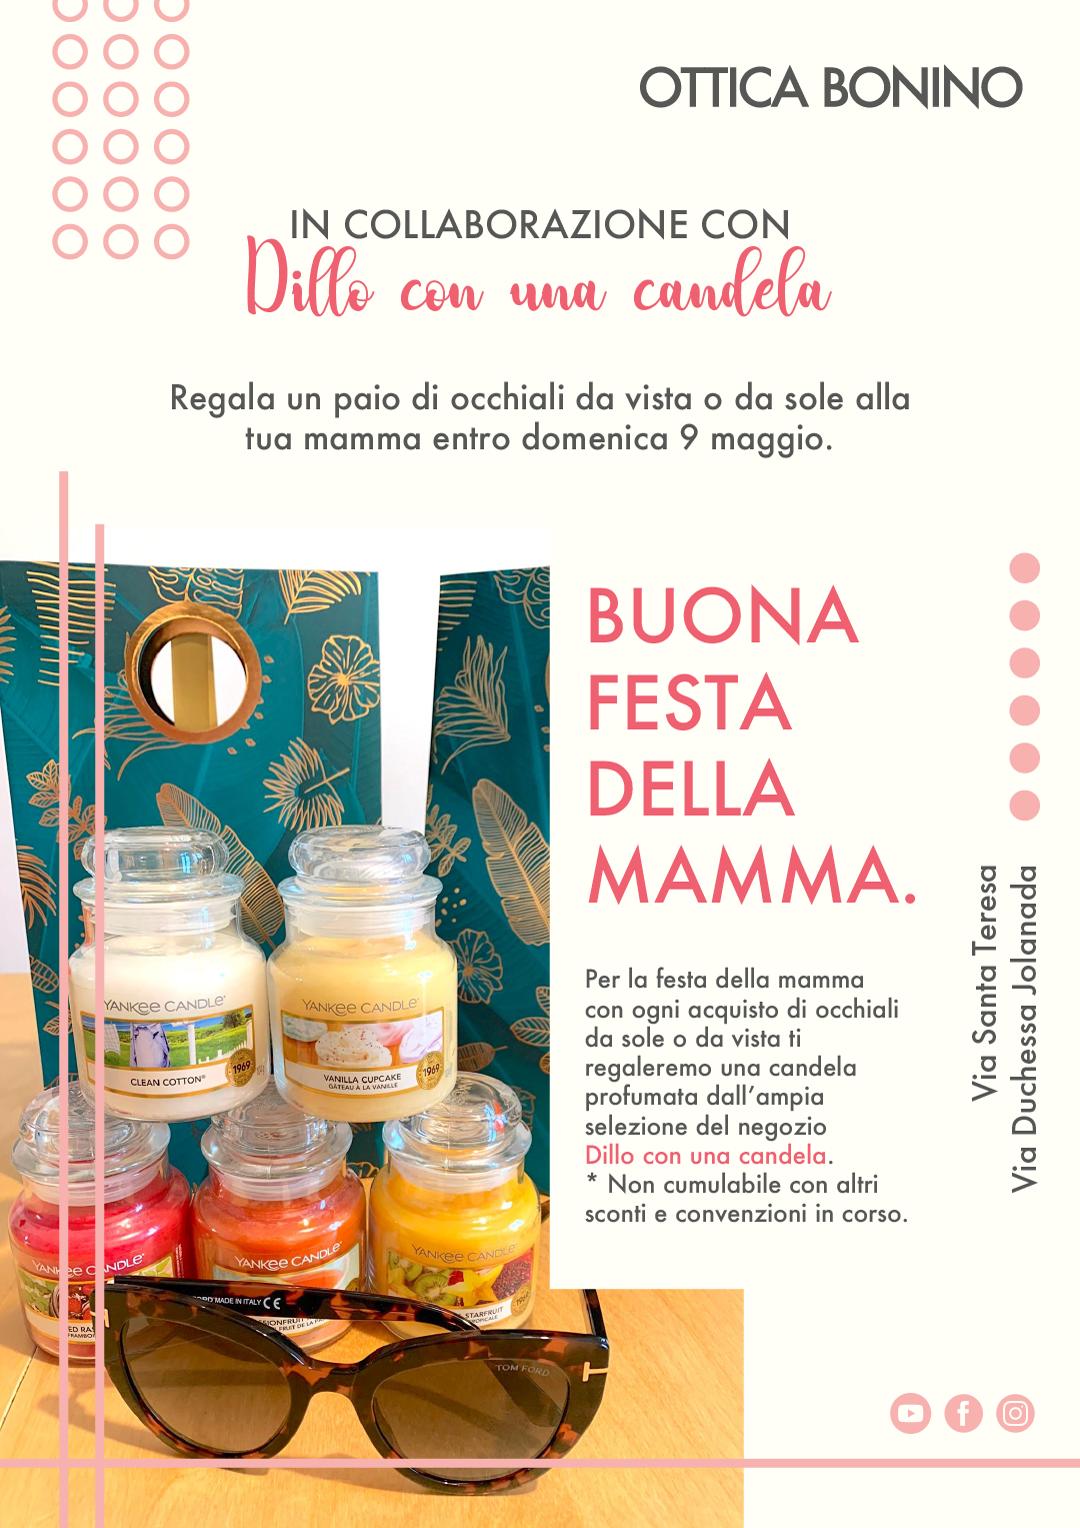 Occhiali per la mamma… e una candela!